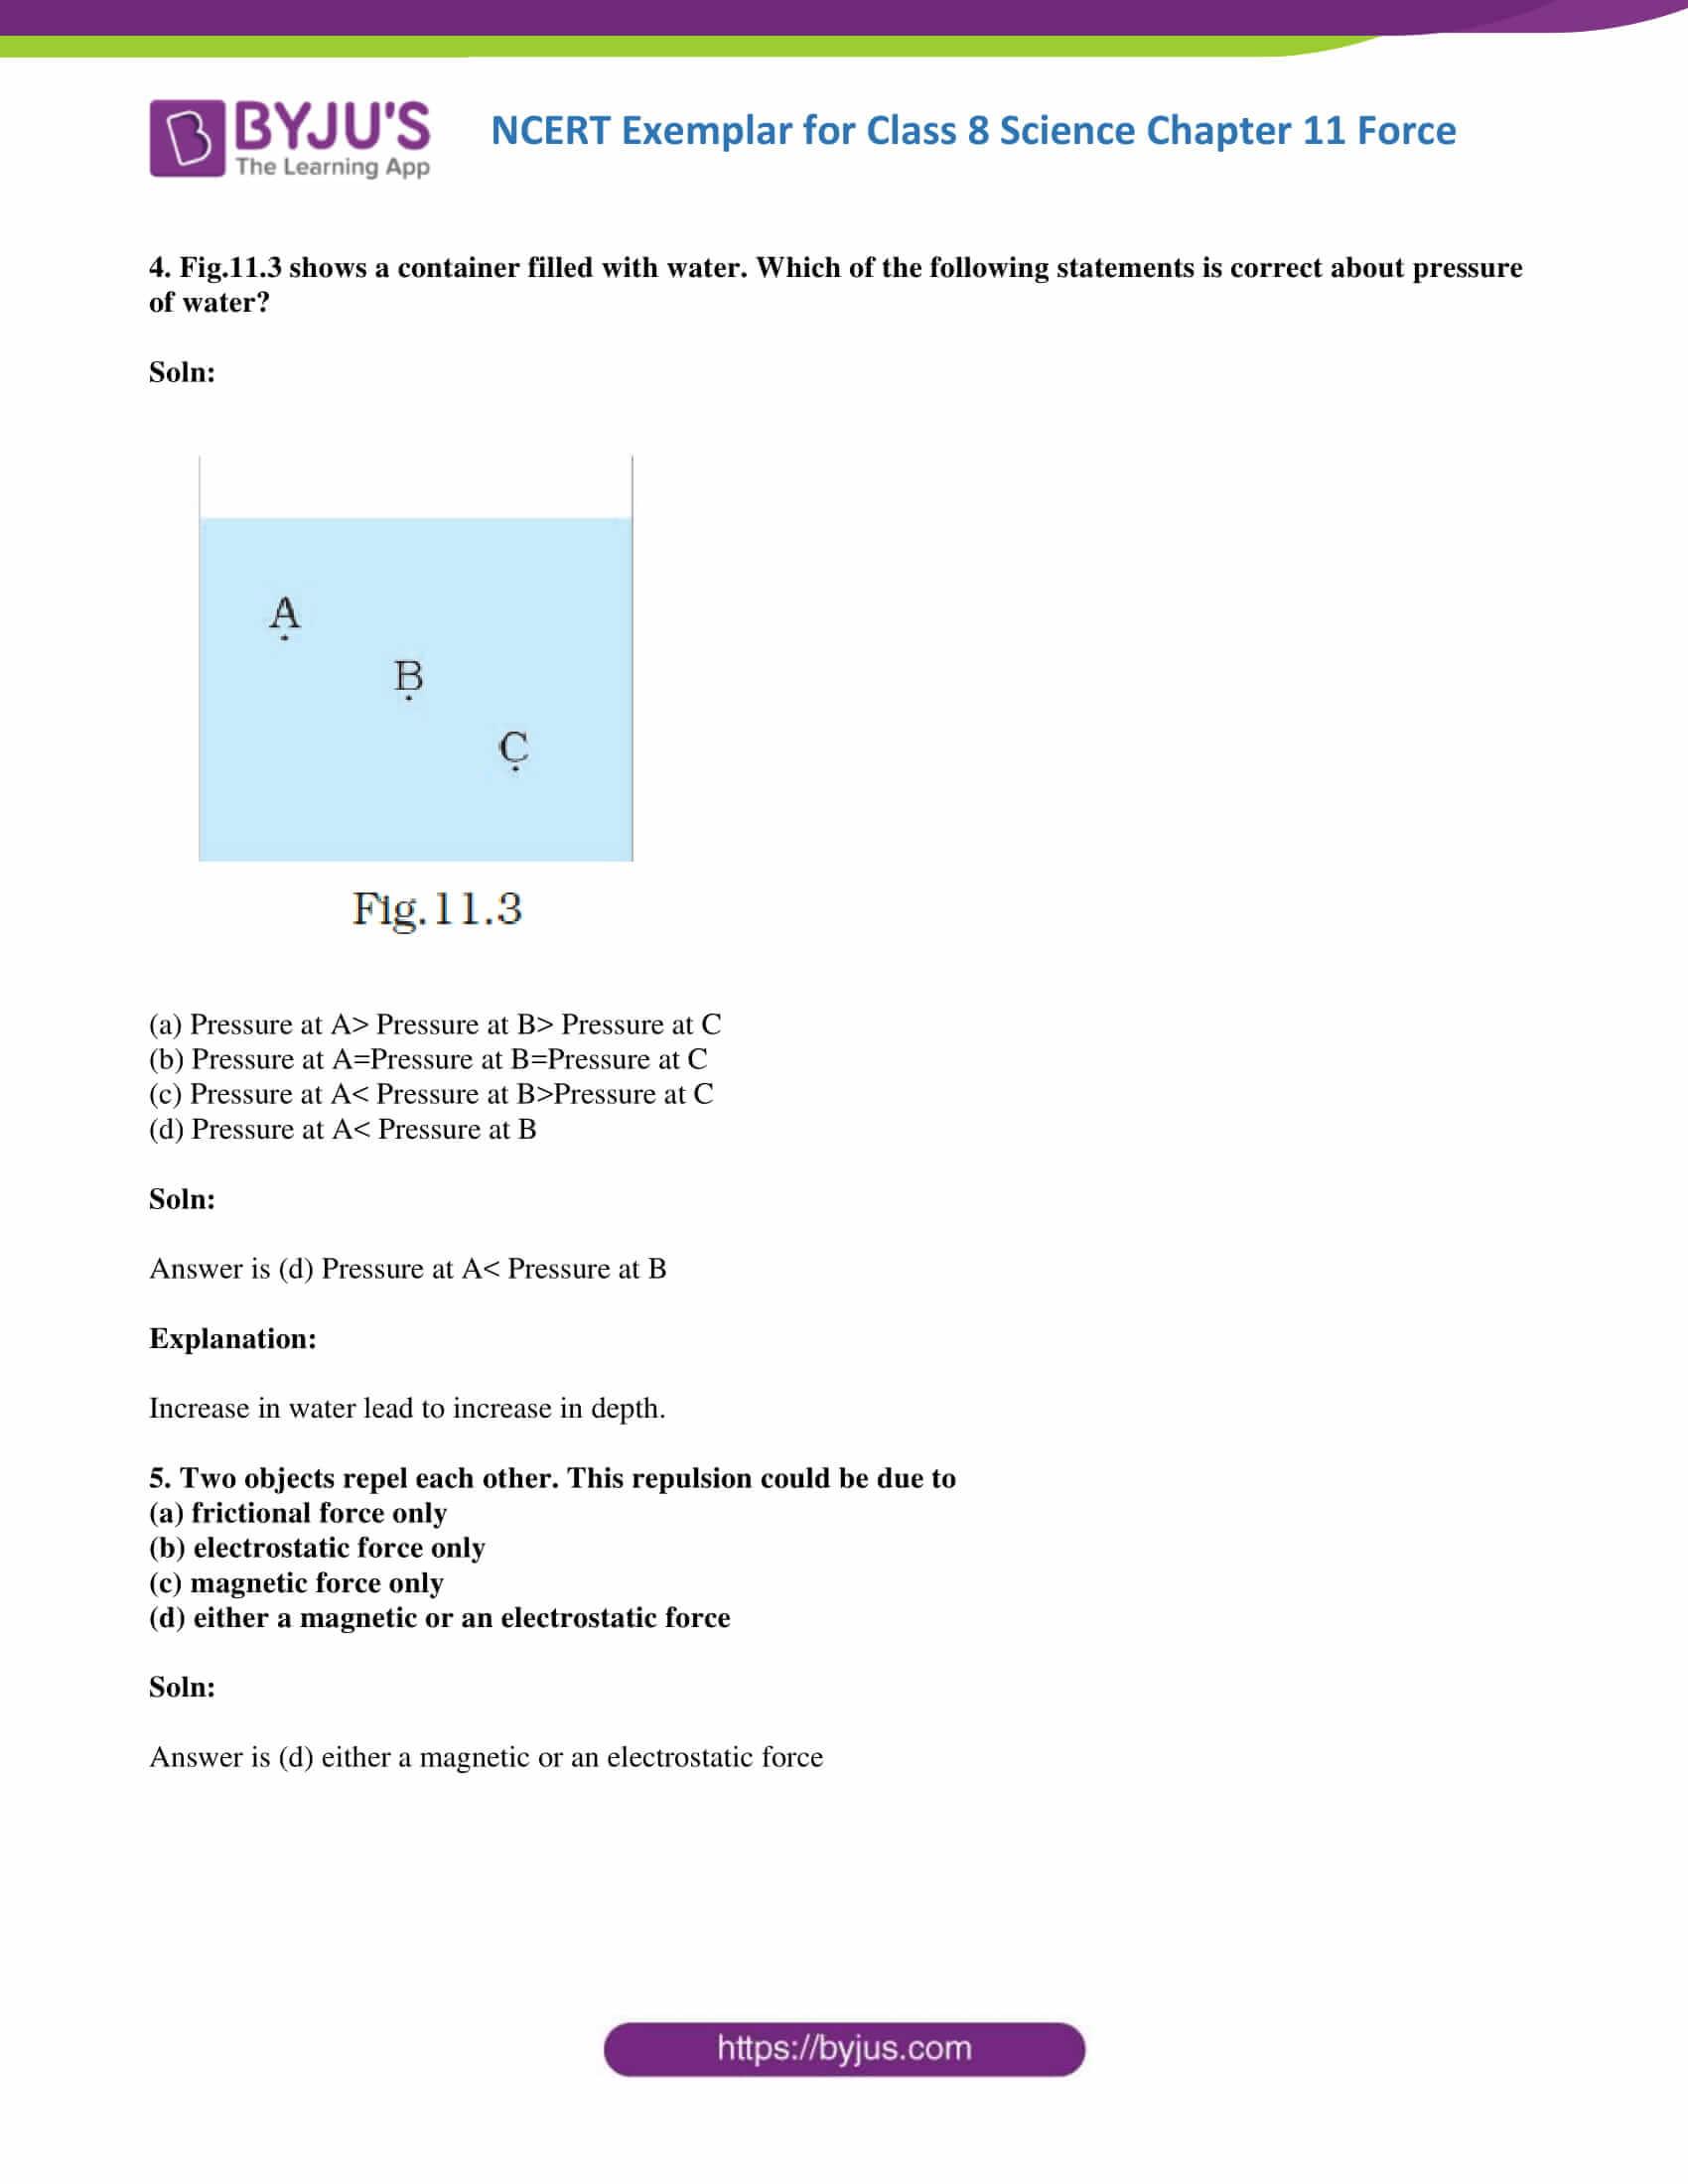 NCERT Exemplar solution class 8 Science Chapter 11 part 03